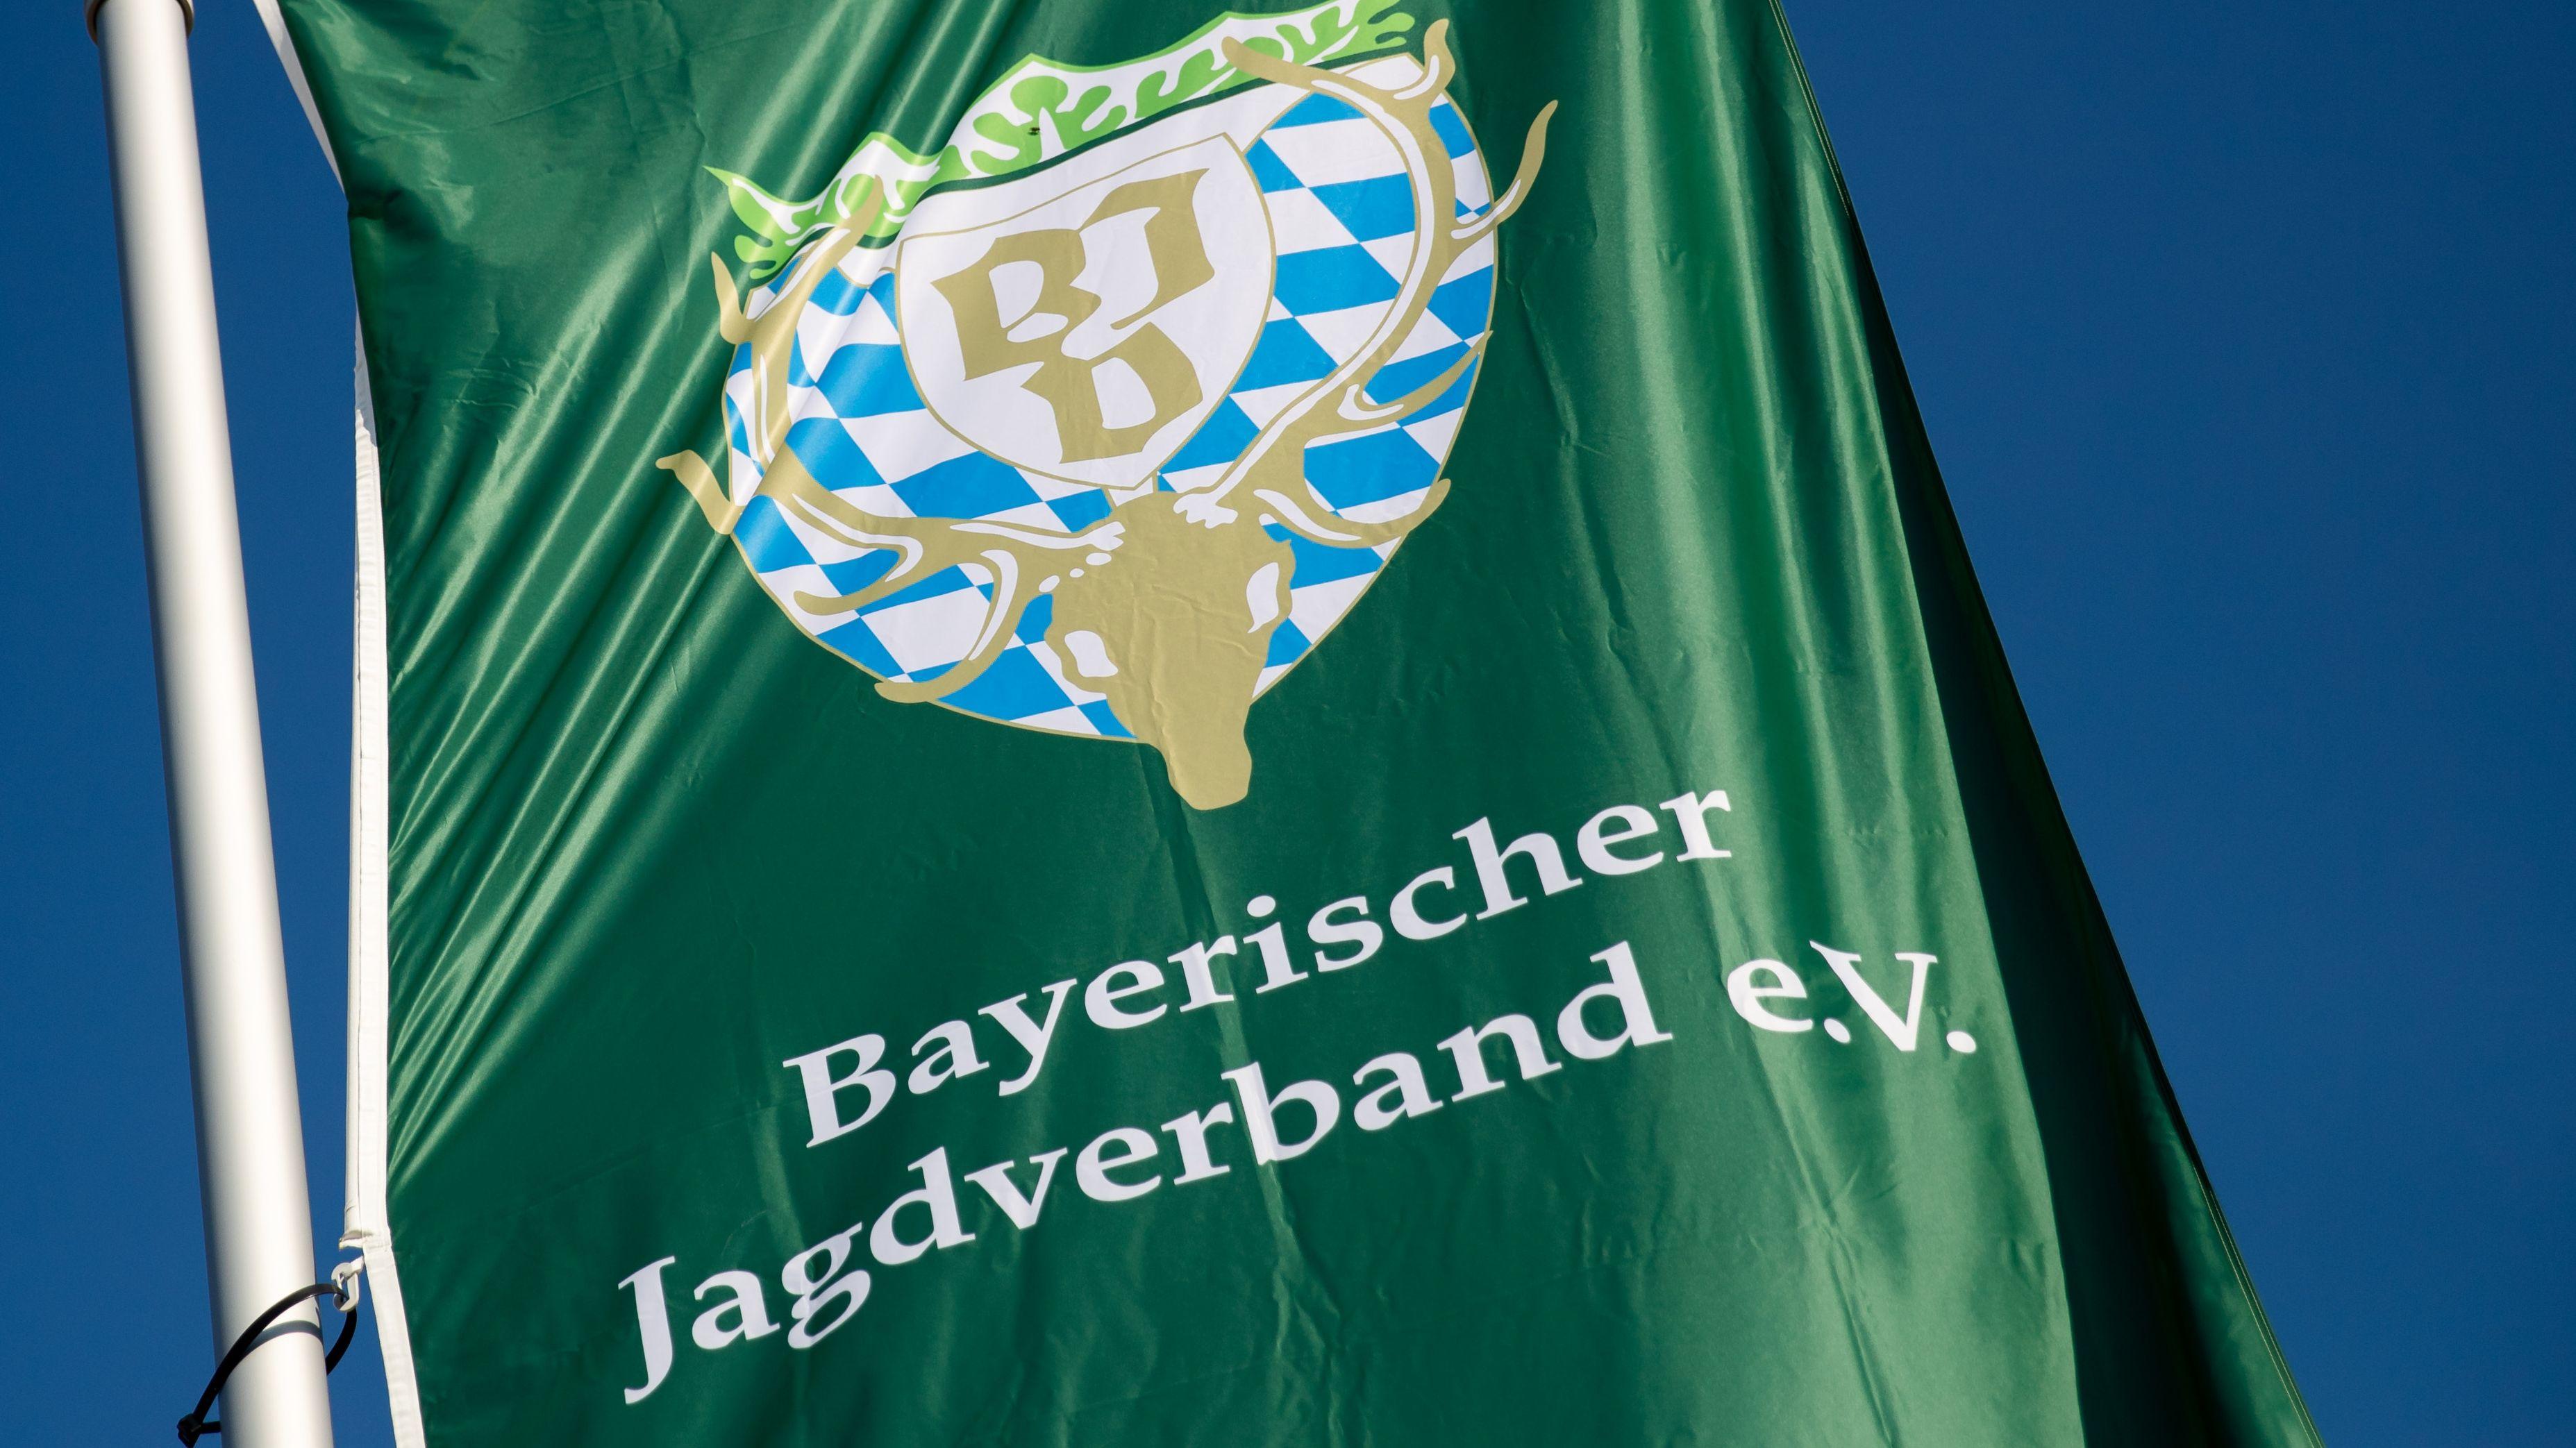 Die Fahne des Bayerischen Jagdverbandes (BJV) weht vor dem blauen Himmel.